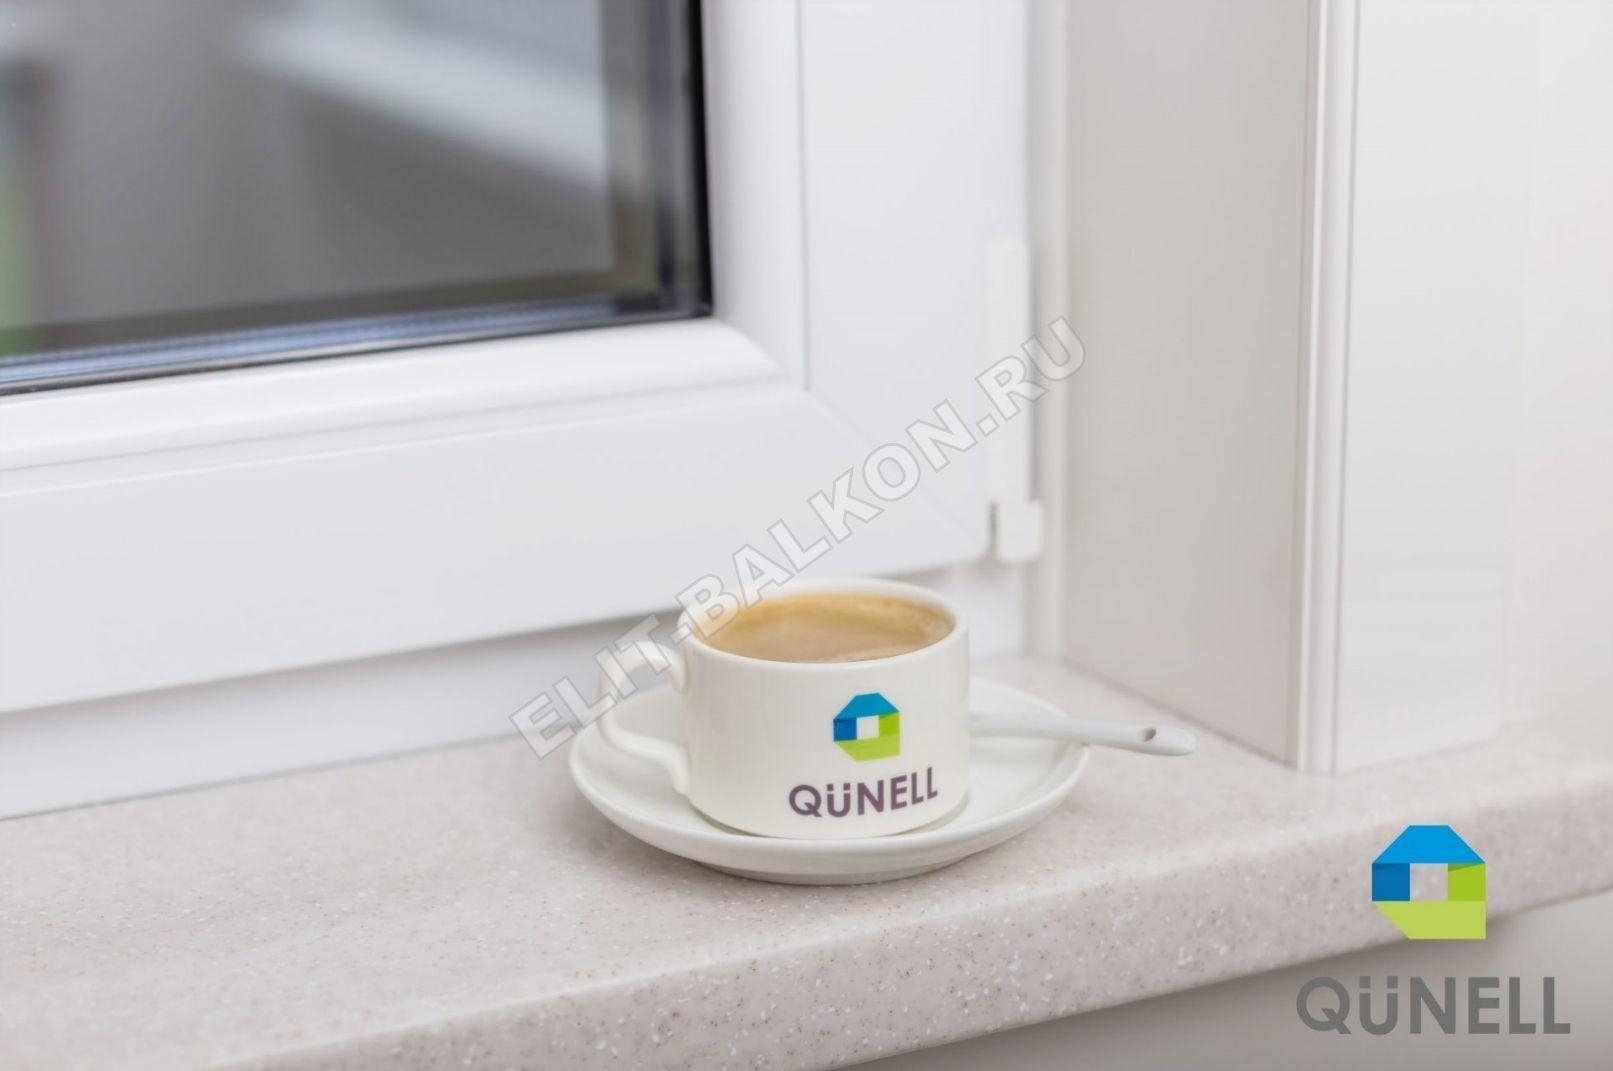 Vnutrennie otkosy na okna PVH QUNELL TSVET BELYJ 1 2 1 - Откосы для окон ПВХ